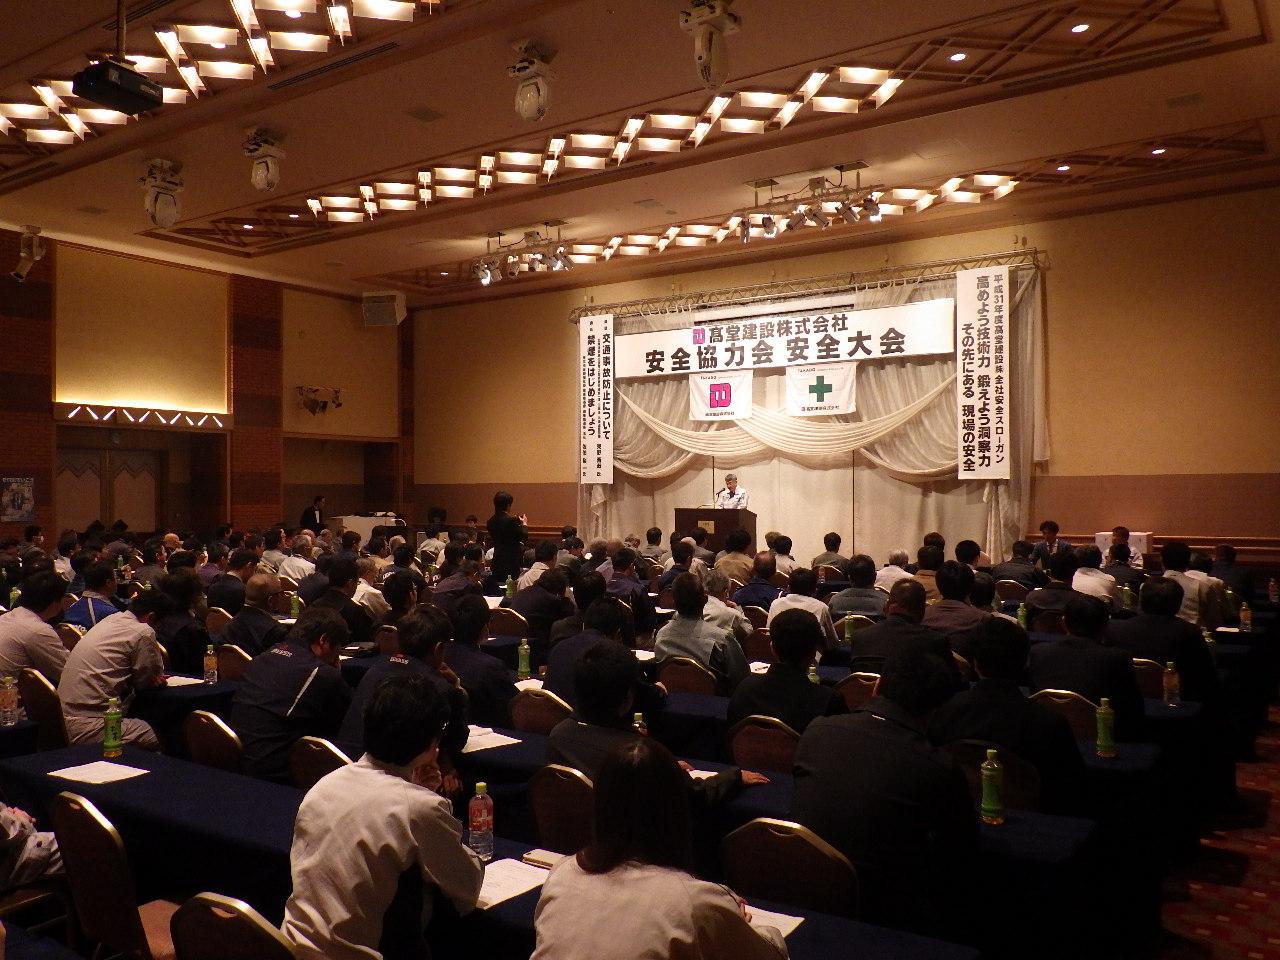 令和元年度 第1回安全大会を開催しました